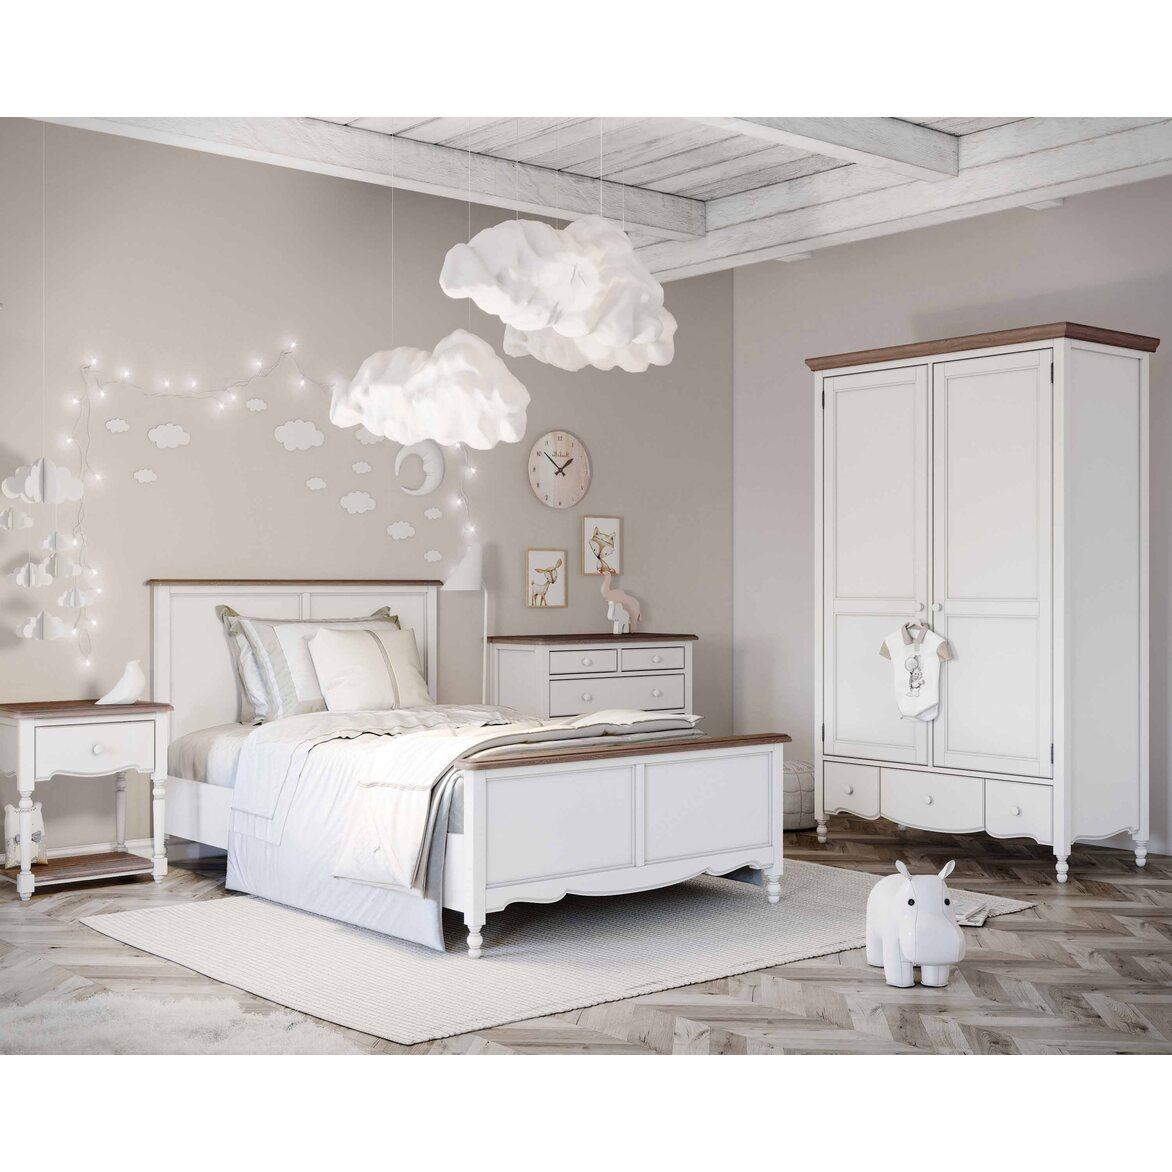 Кровать односпальная 120*200 Leblanc, белая 6 | Односпальные кровати Kingsby